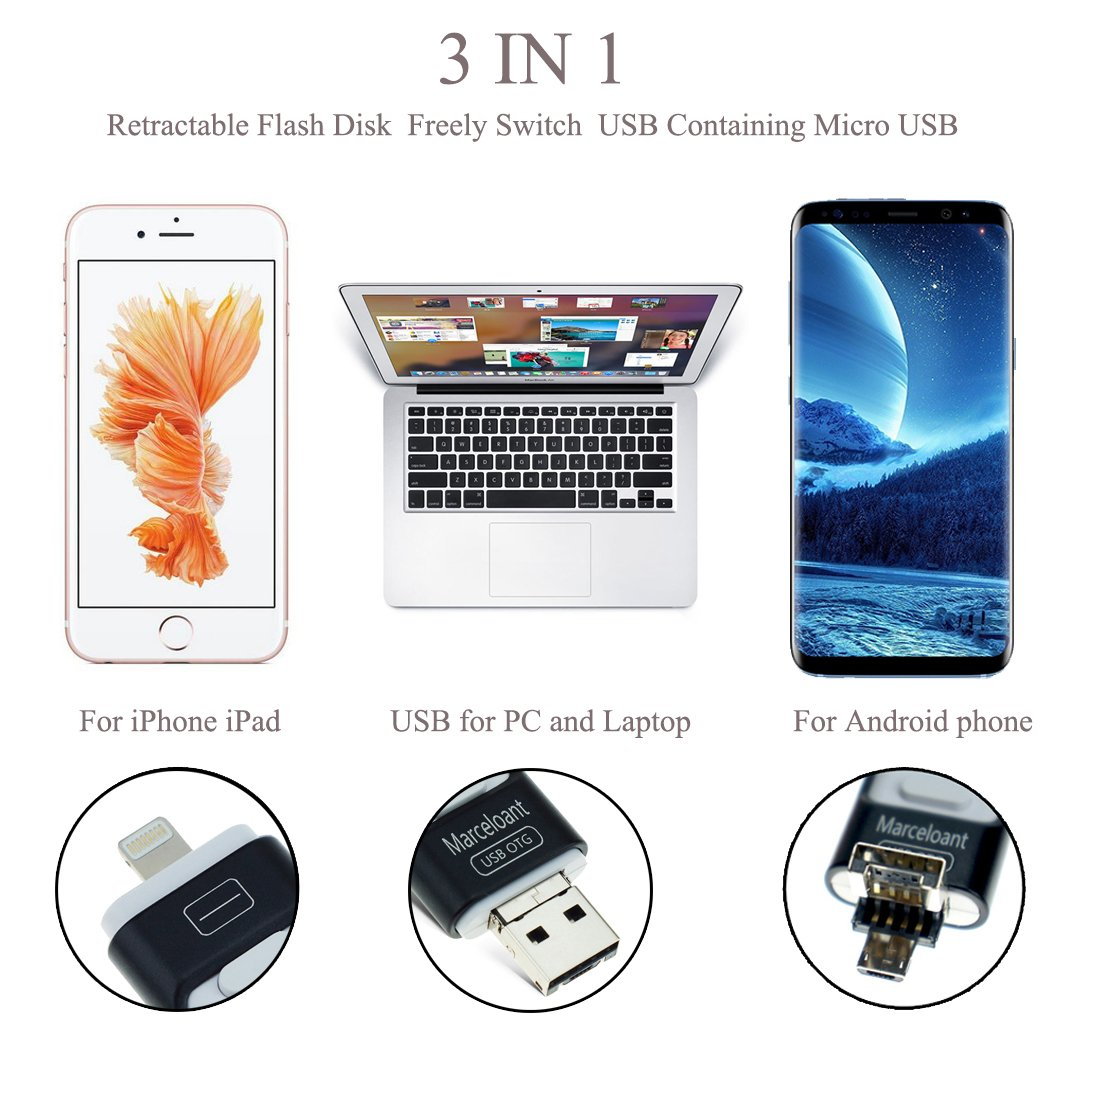 Harga Dan Spesifikasi Leef Ibridge Mobile Memory Termurah 2018 32gb Putih Usb Flash Drives For Iphone Ipad Ios Android Stick Marceloant Otg